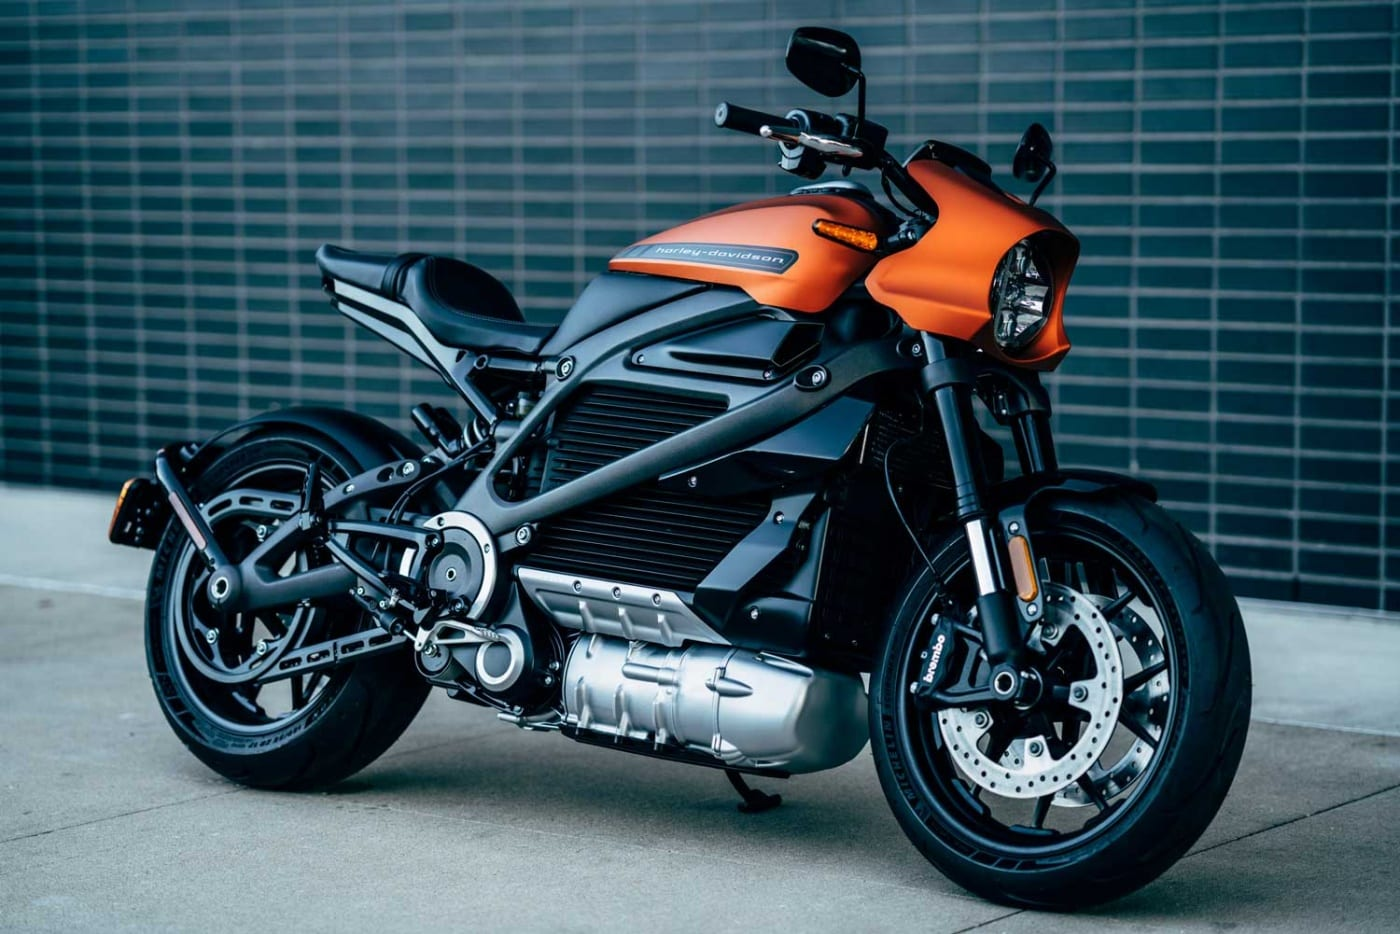 Zeigt eine Seitenansicht von der Harley-Davidson LiveWire